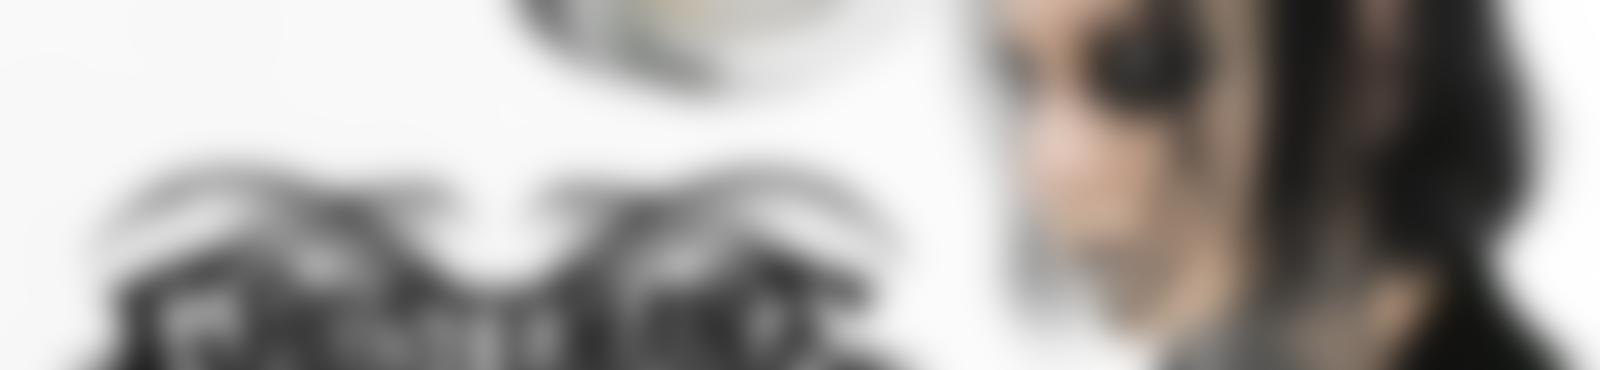 Blurred 388396c4 fbf8 4e98 8d31 fd21b6d3badc